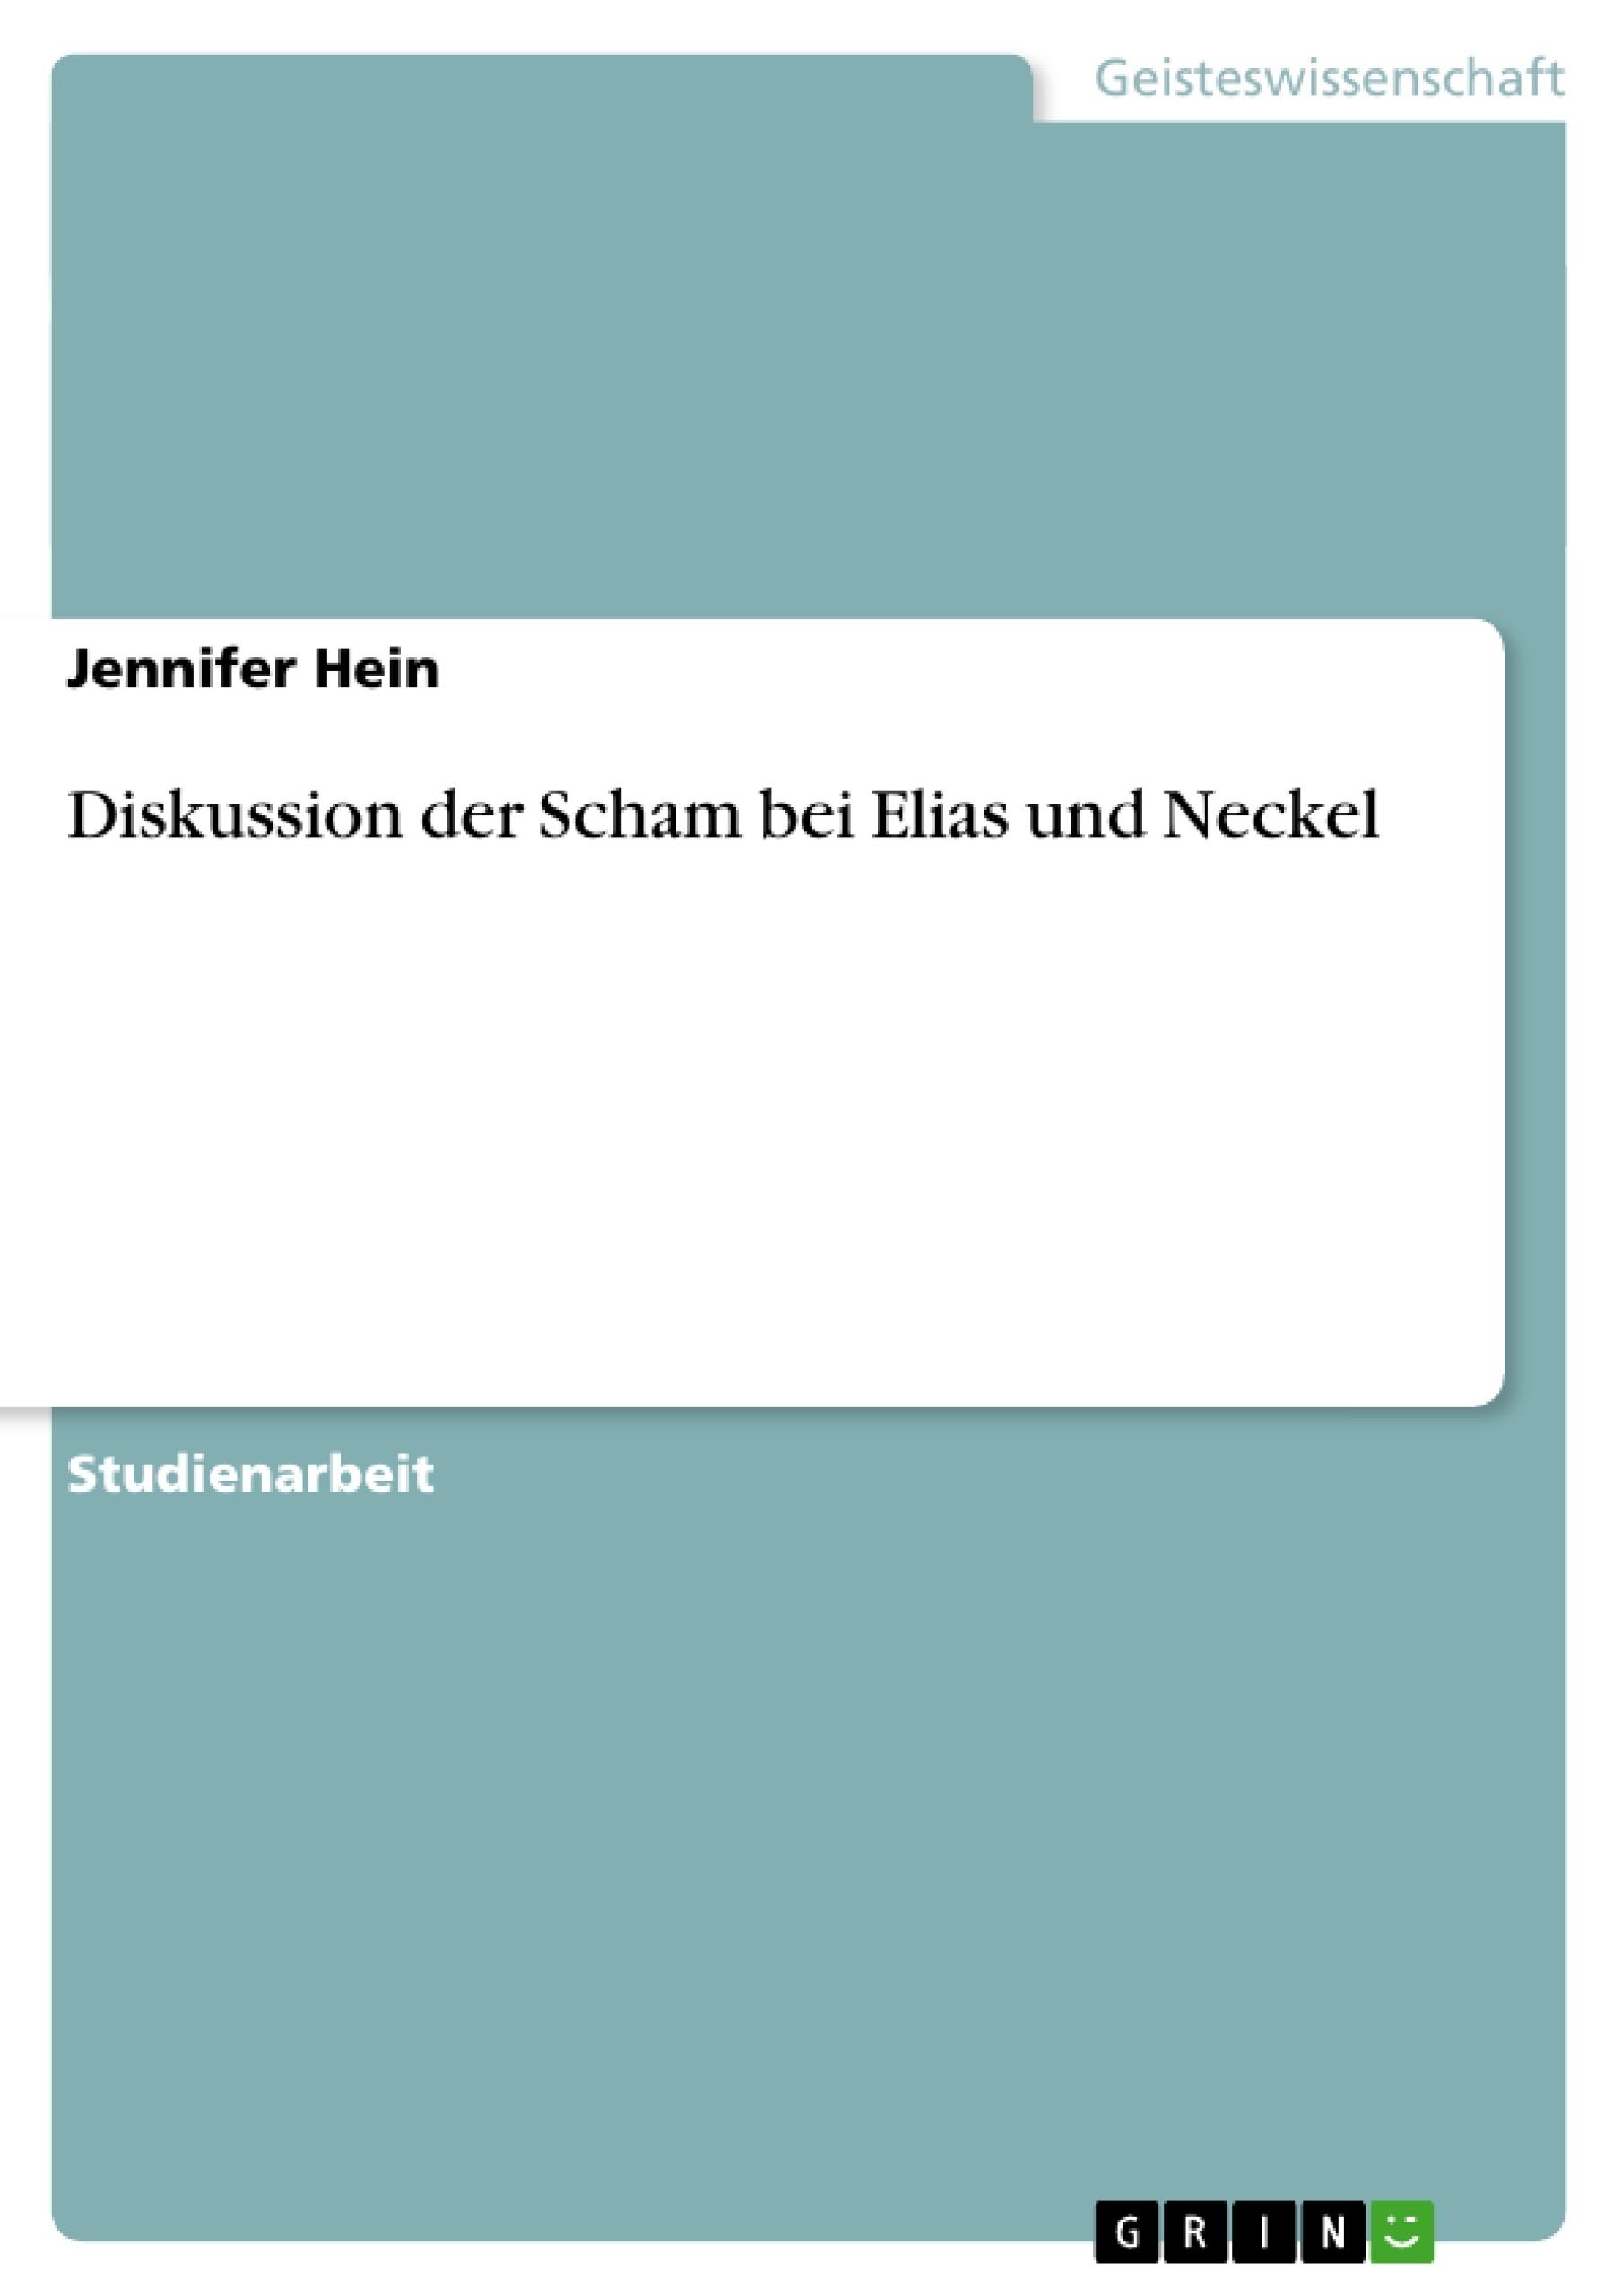 Titel: Diskussion der Scham bei Elias und Neckel